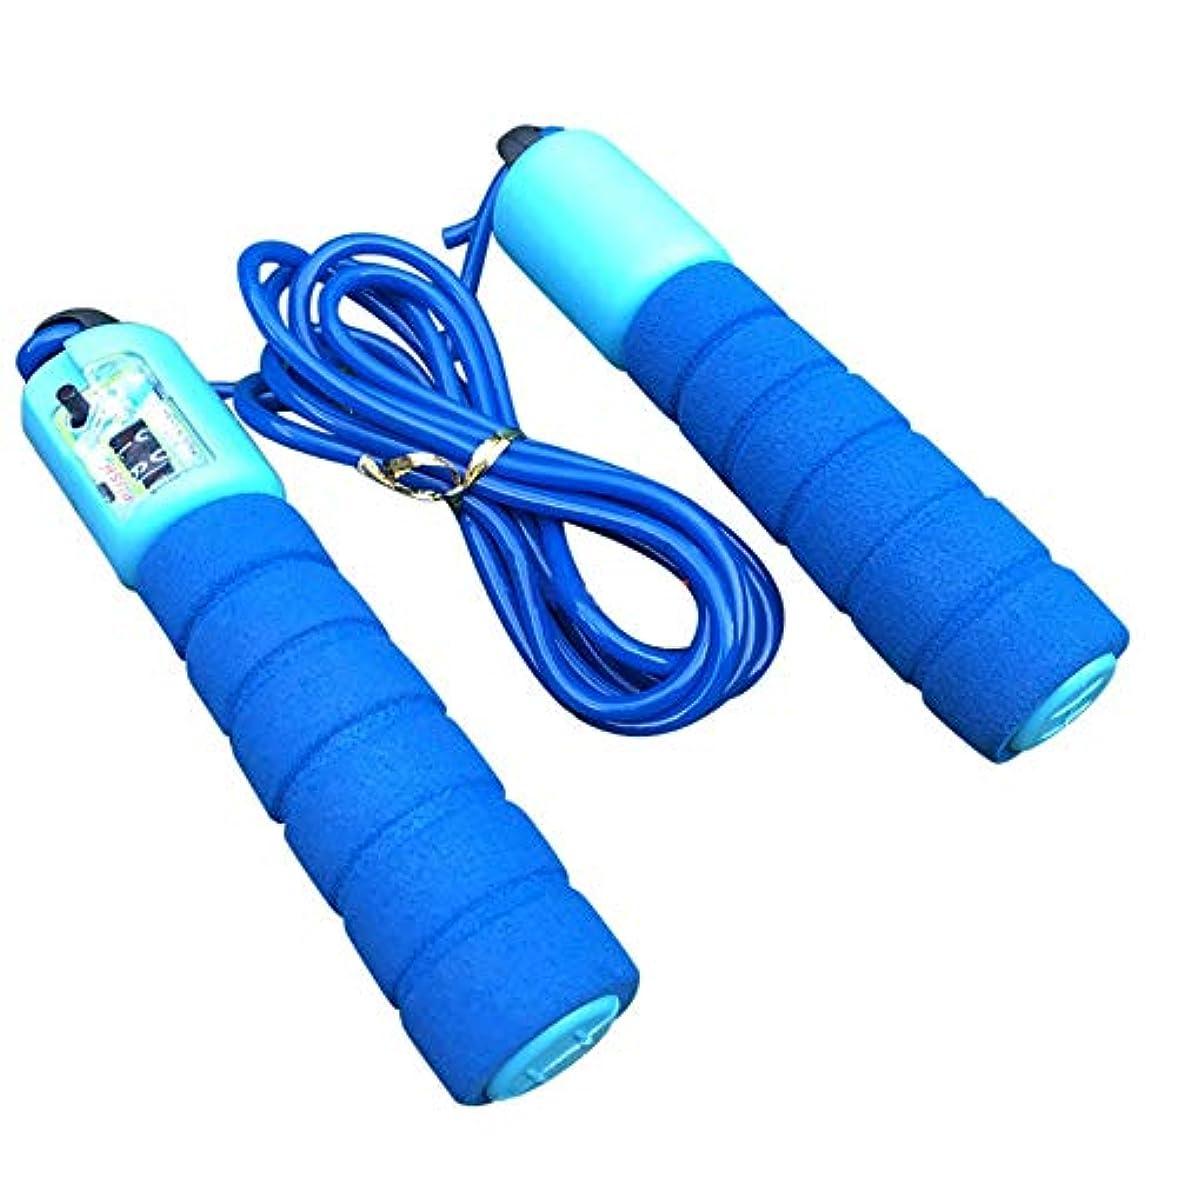 欺期待して小石調整可能なプロフェッショナルカウント縄跳び自動カウントジャンプロープフィットネス運動高速カウントジャンプロープ - 青